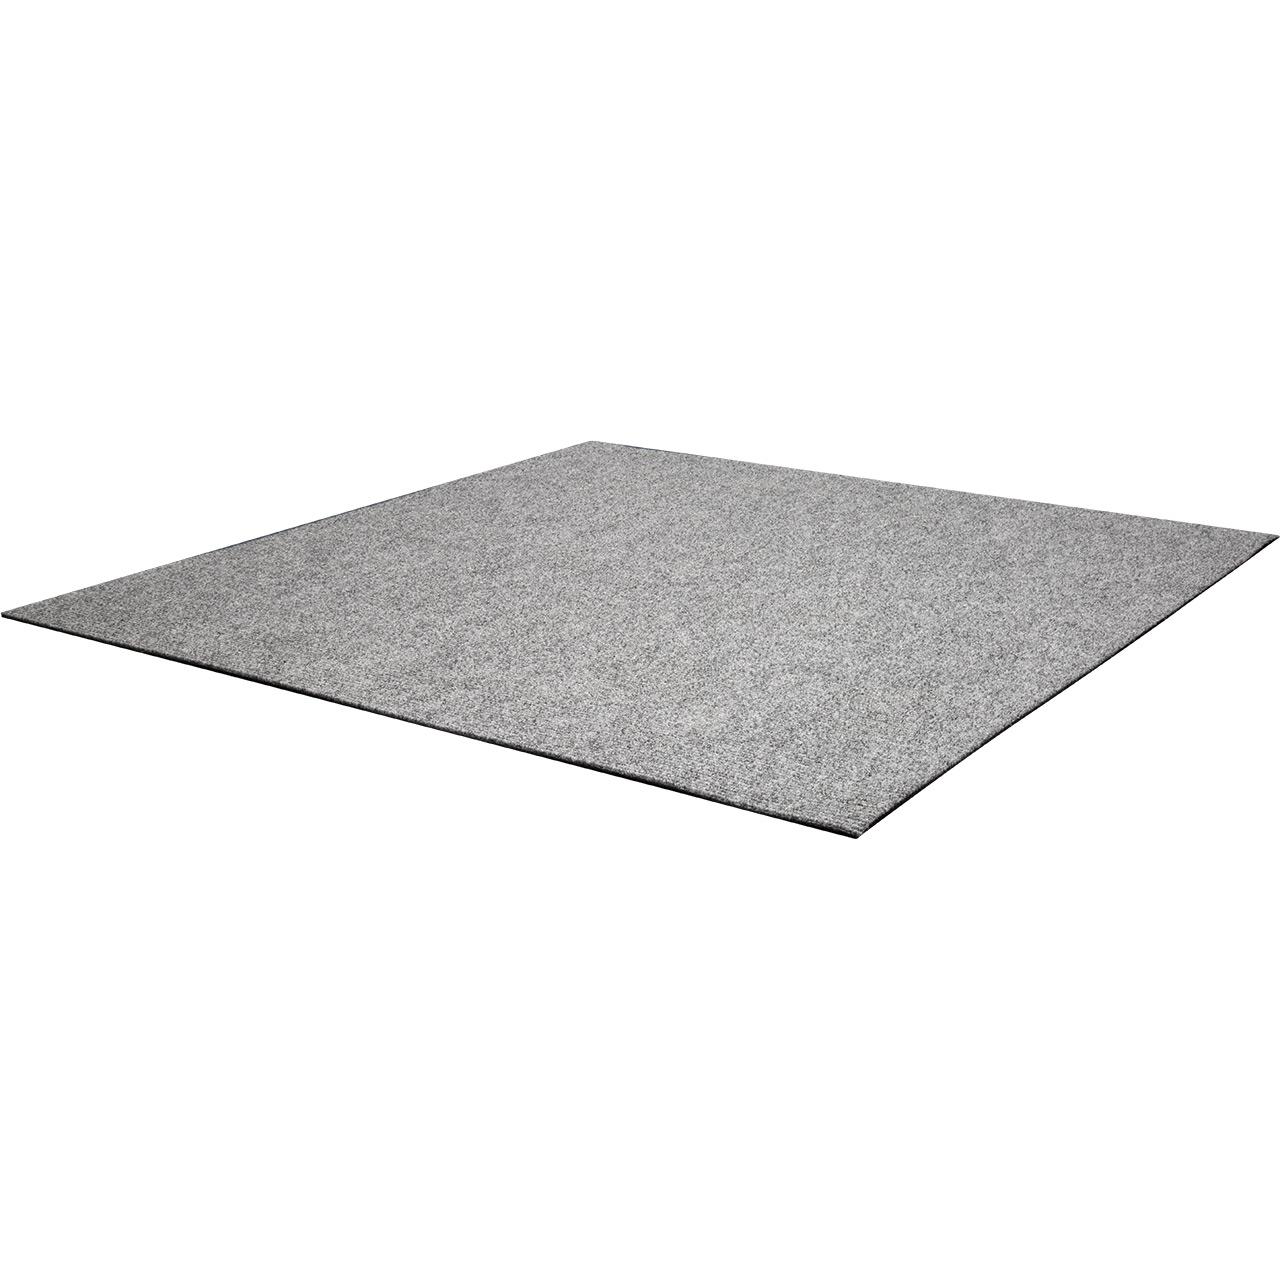 Relativ Teppichfliesen selbstliegend kaufen   1qm Teppichplatten günstig RQ31